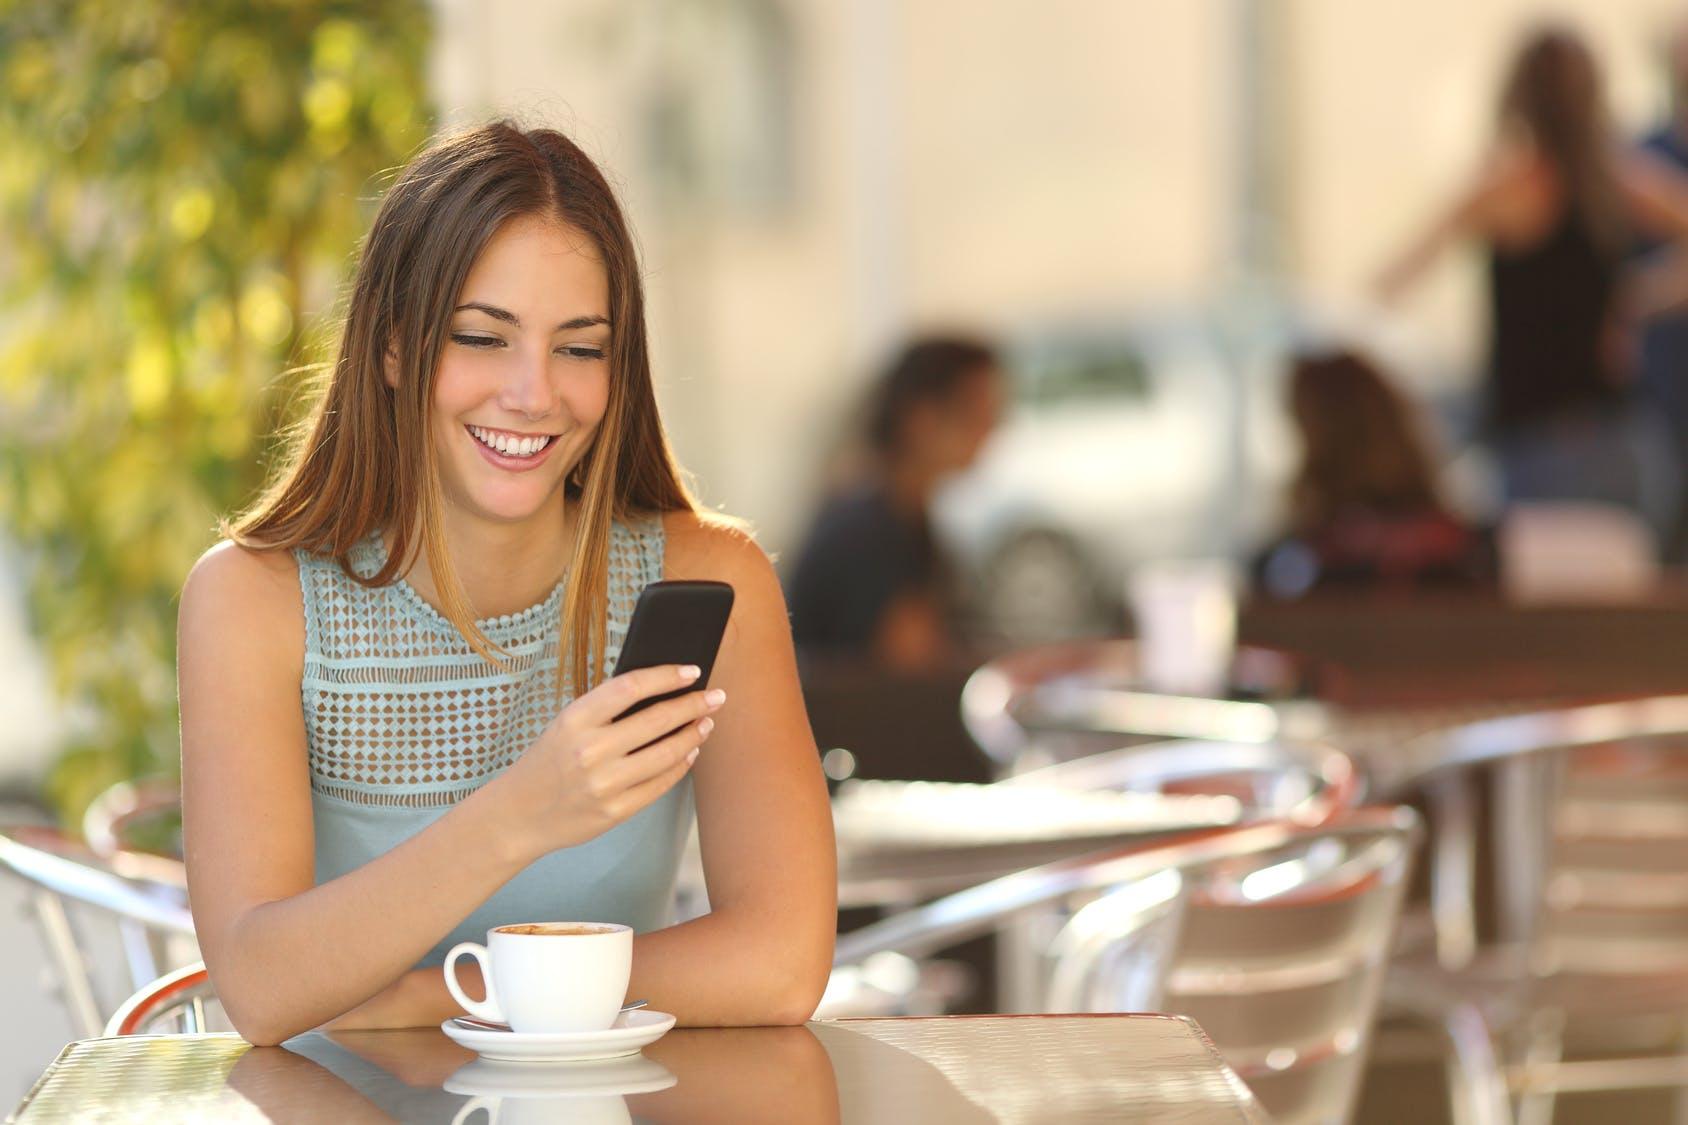 Девушка с мобильным телефоном картинки